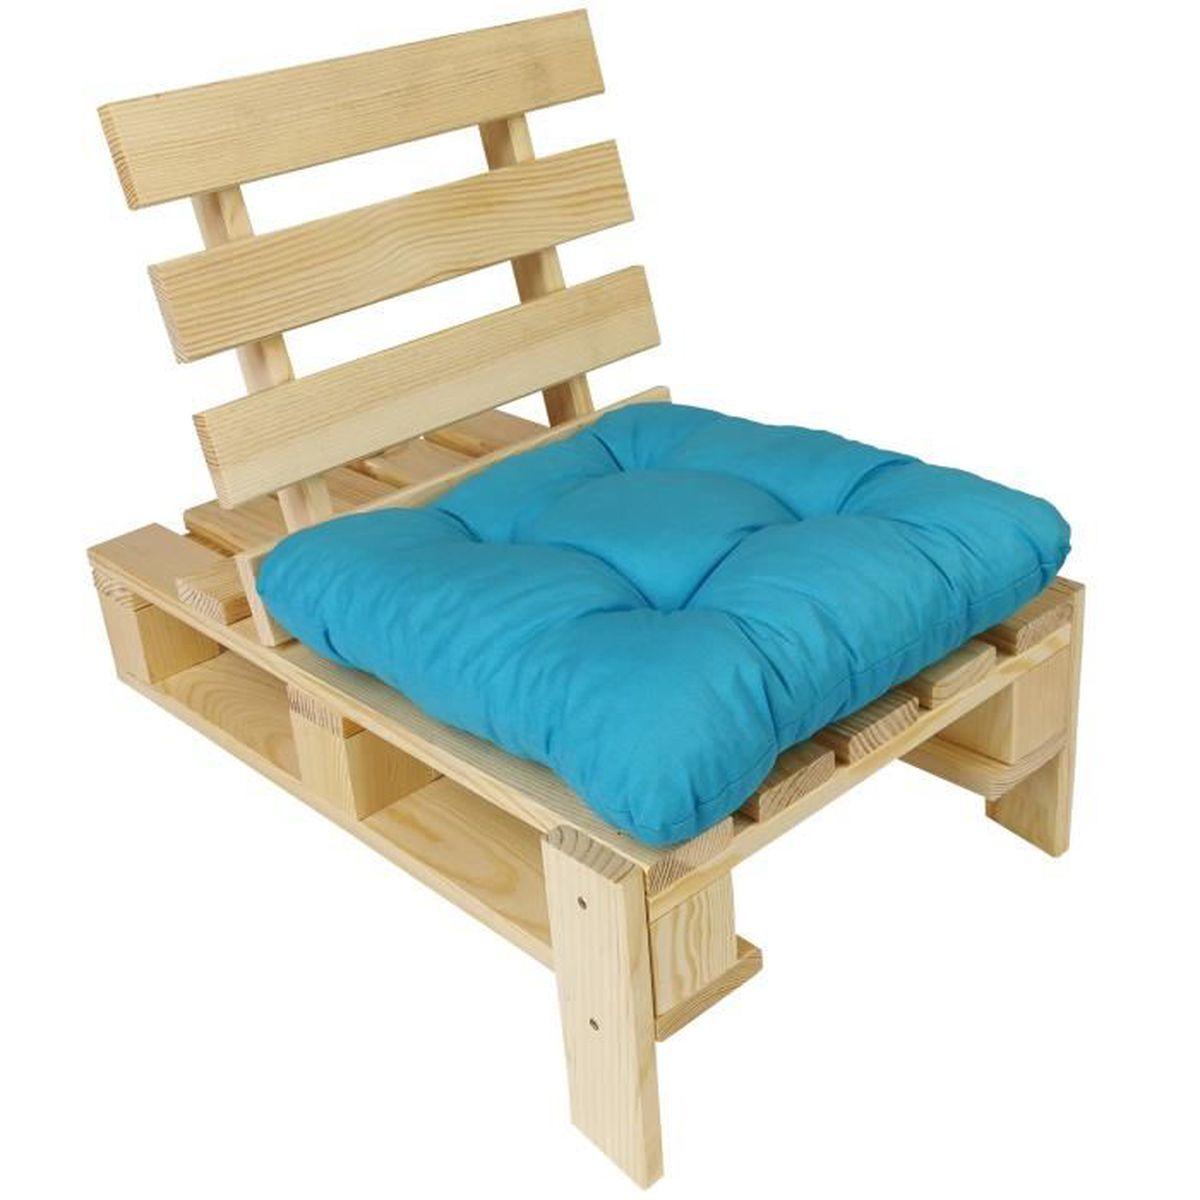 Piscine En Palette De Bois siège enfant relaxy avec palettes en bois - structure de